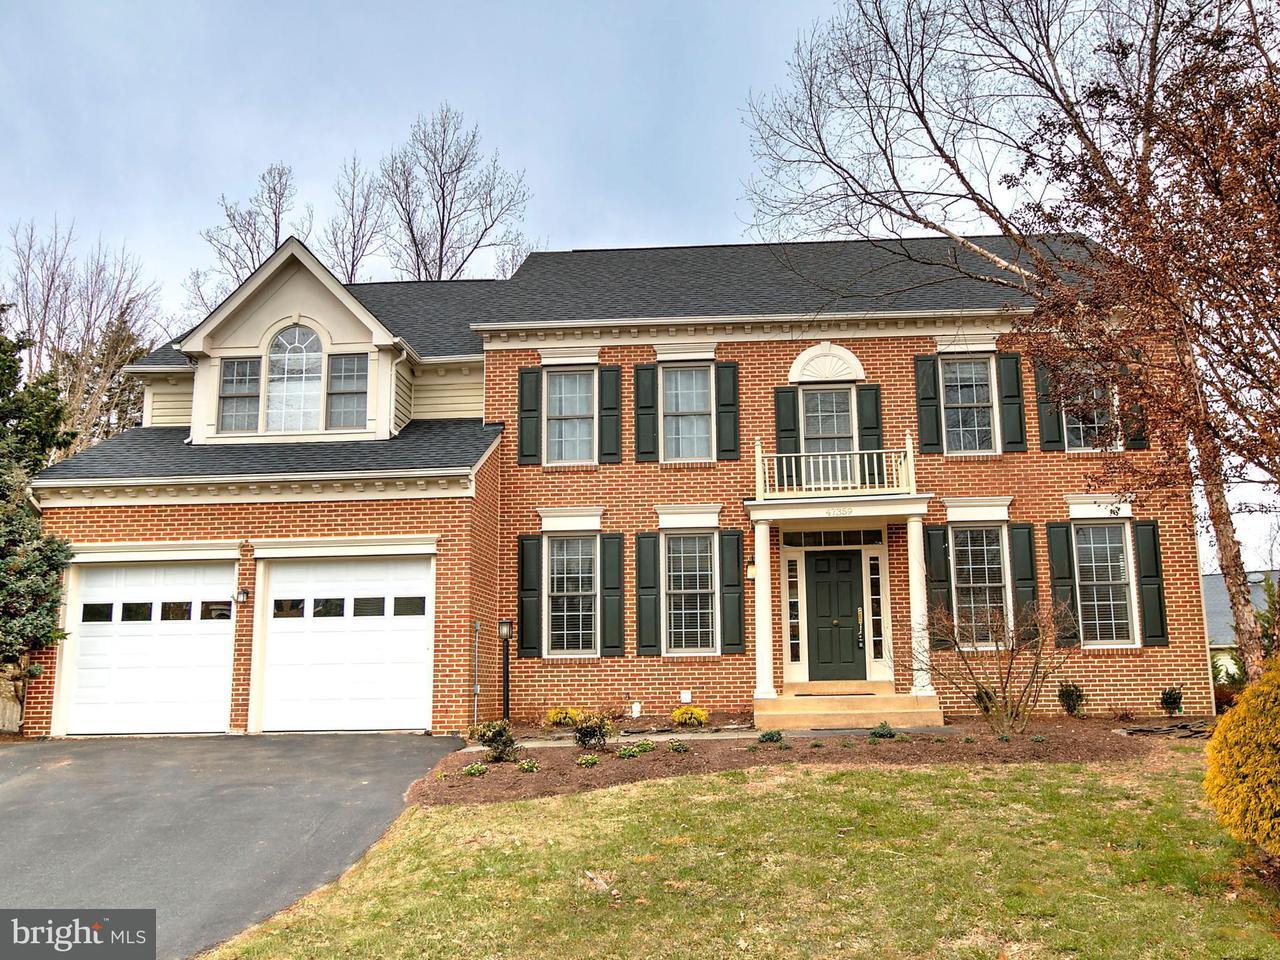 獨棟家庭住宅 為 出售 在 47359 Mccarthys Island Court 47359 Mccarthys Island Court Potomac Falls, 弗吉尼亞州 20165 美國